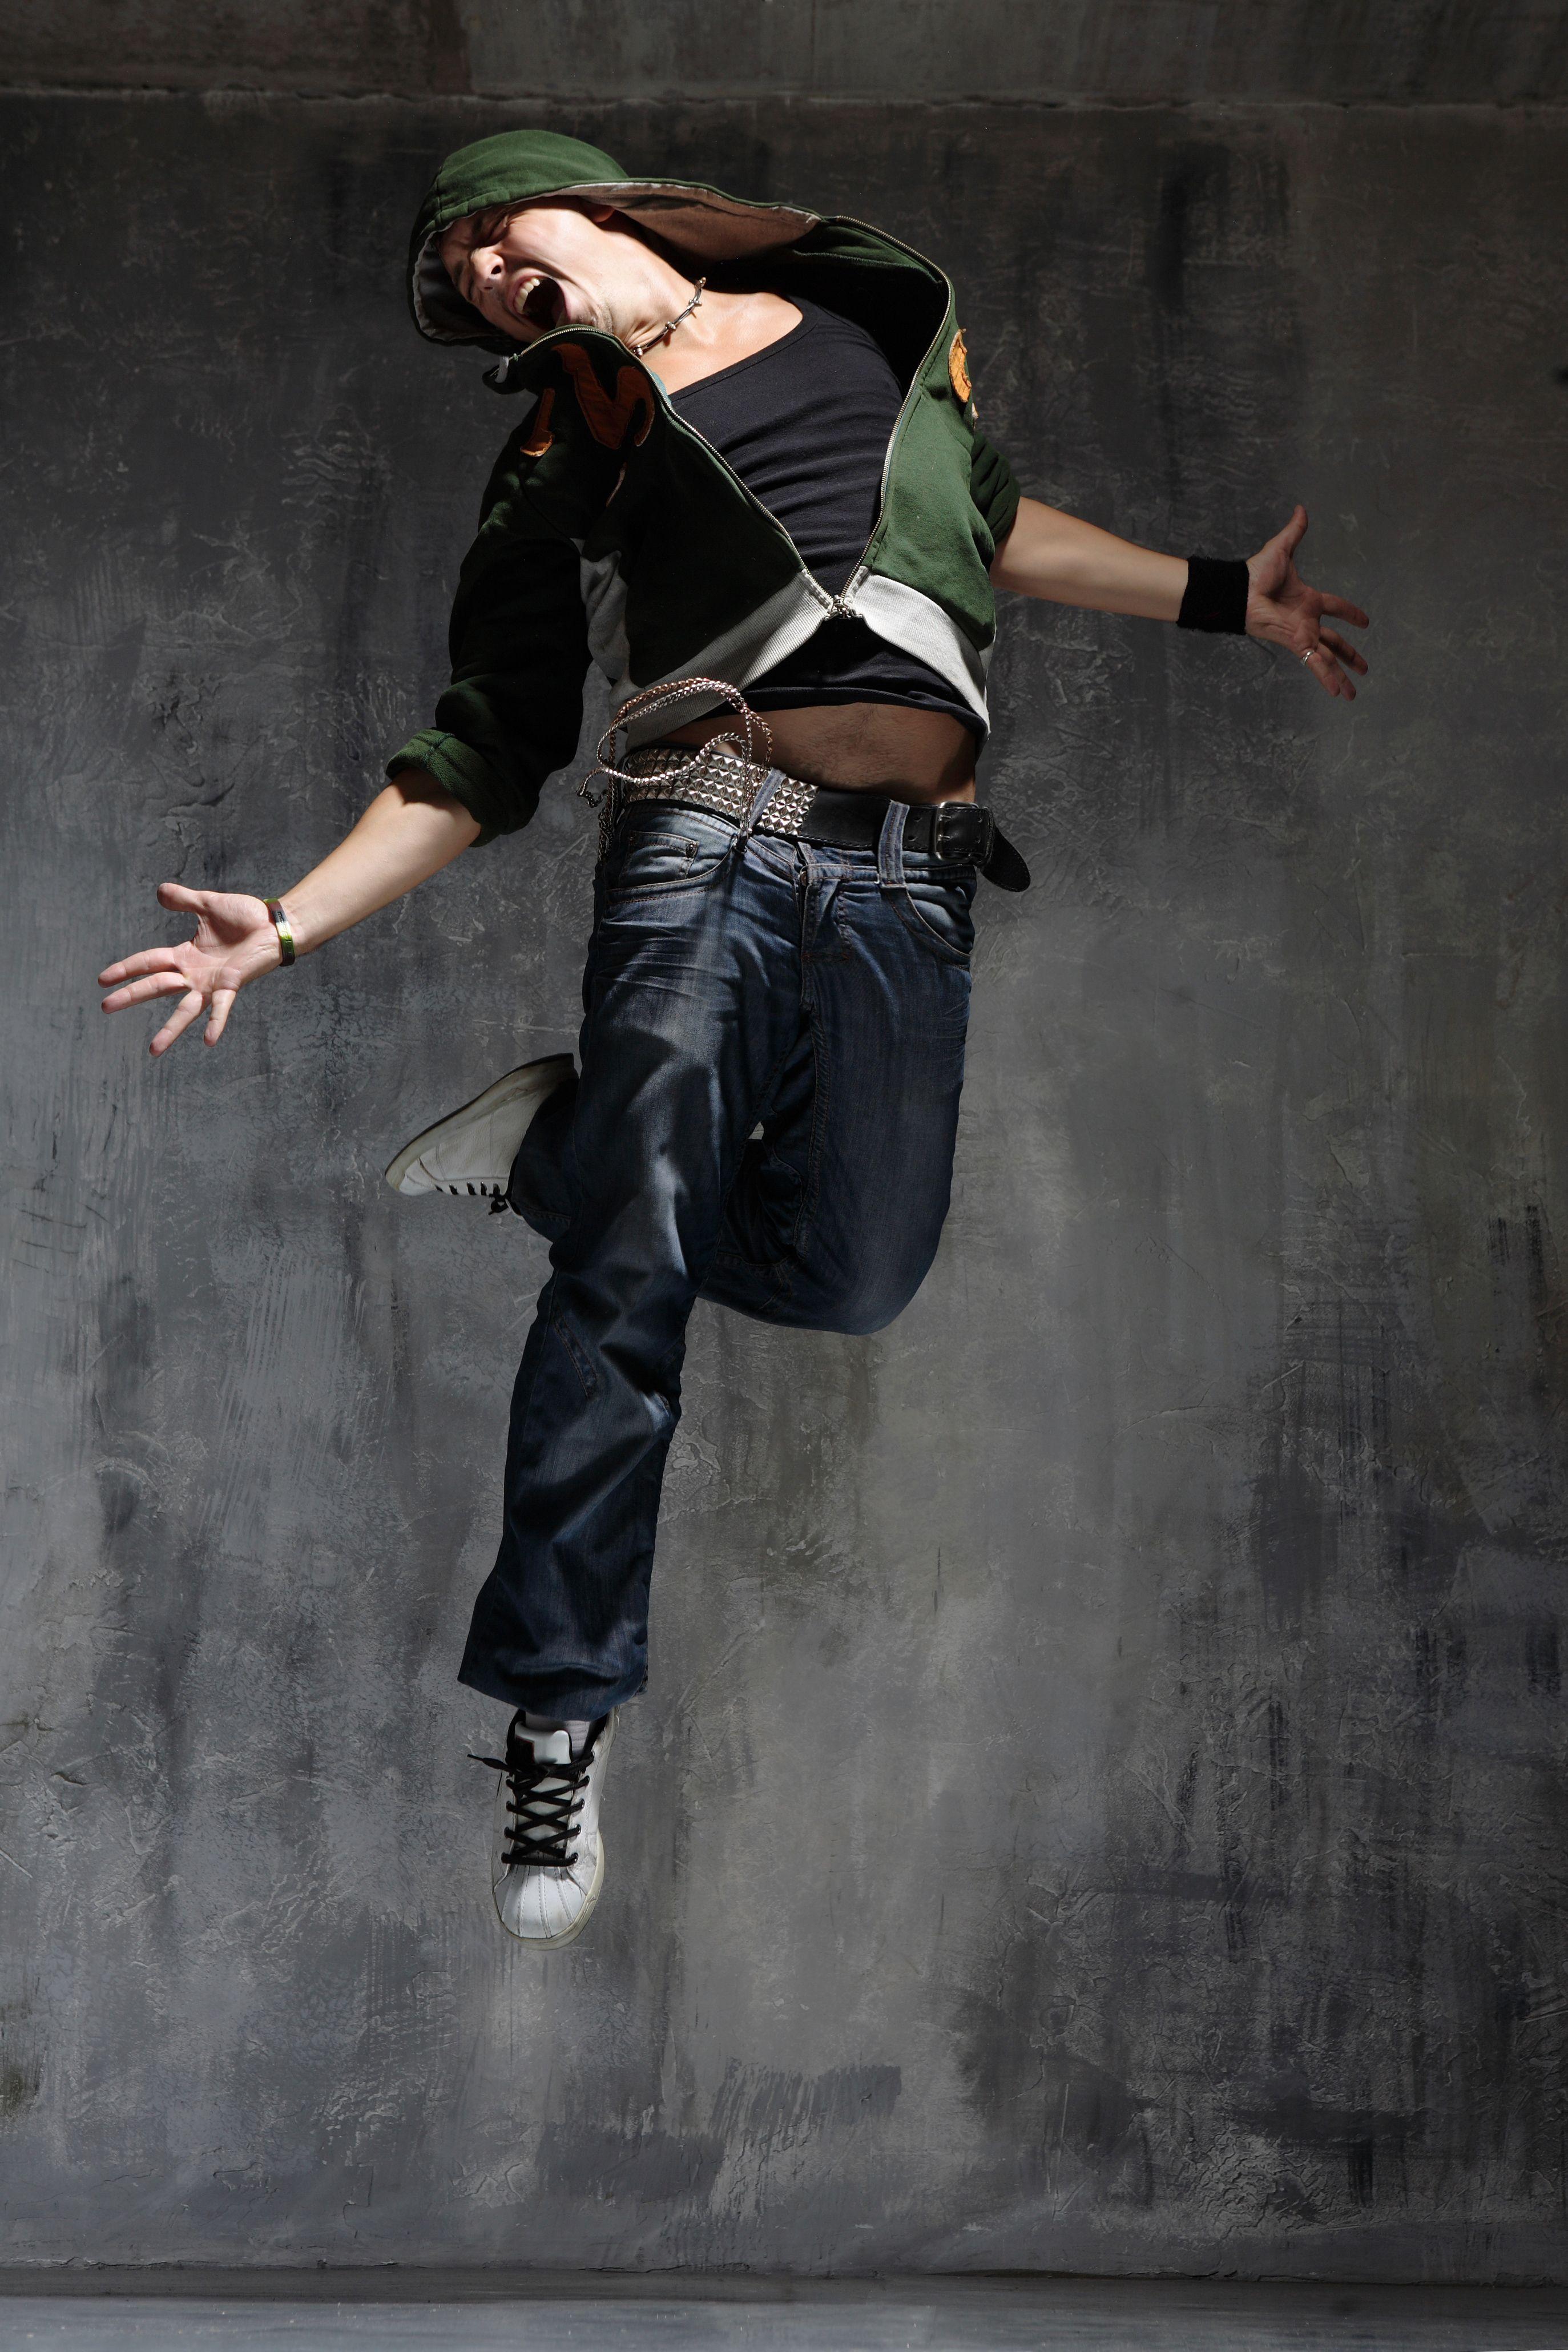 images of hip hop dance wallpaper | JFH - Jazz Funk Hip Hop